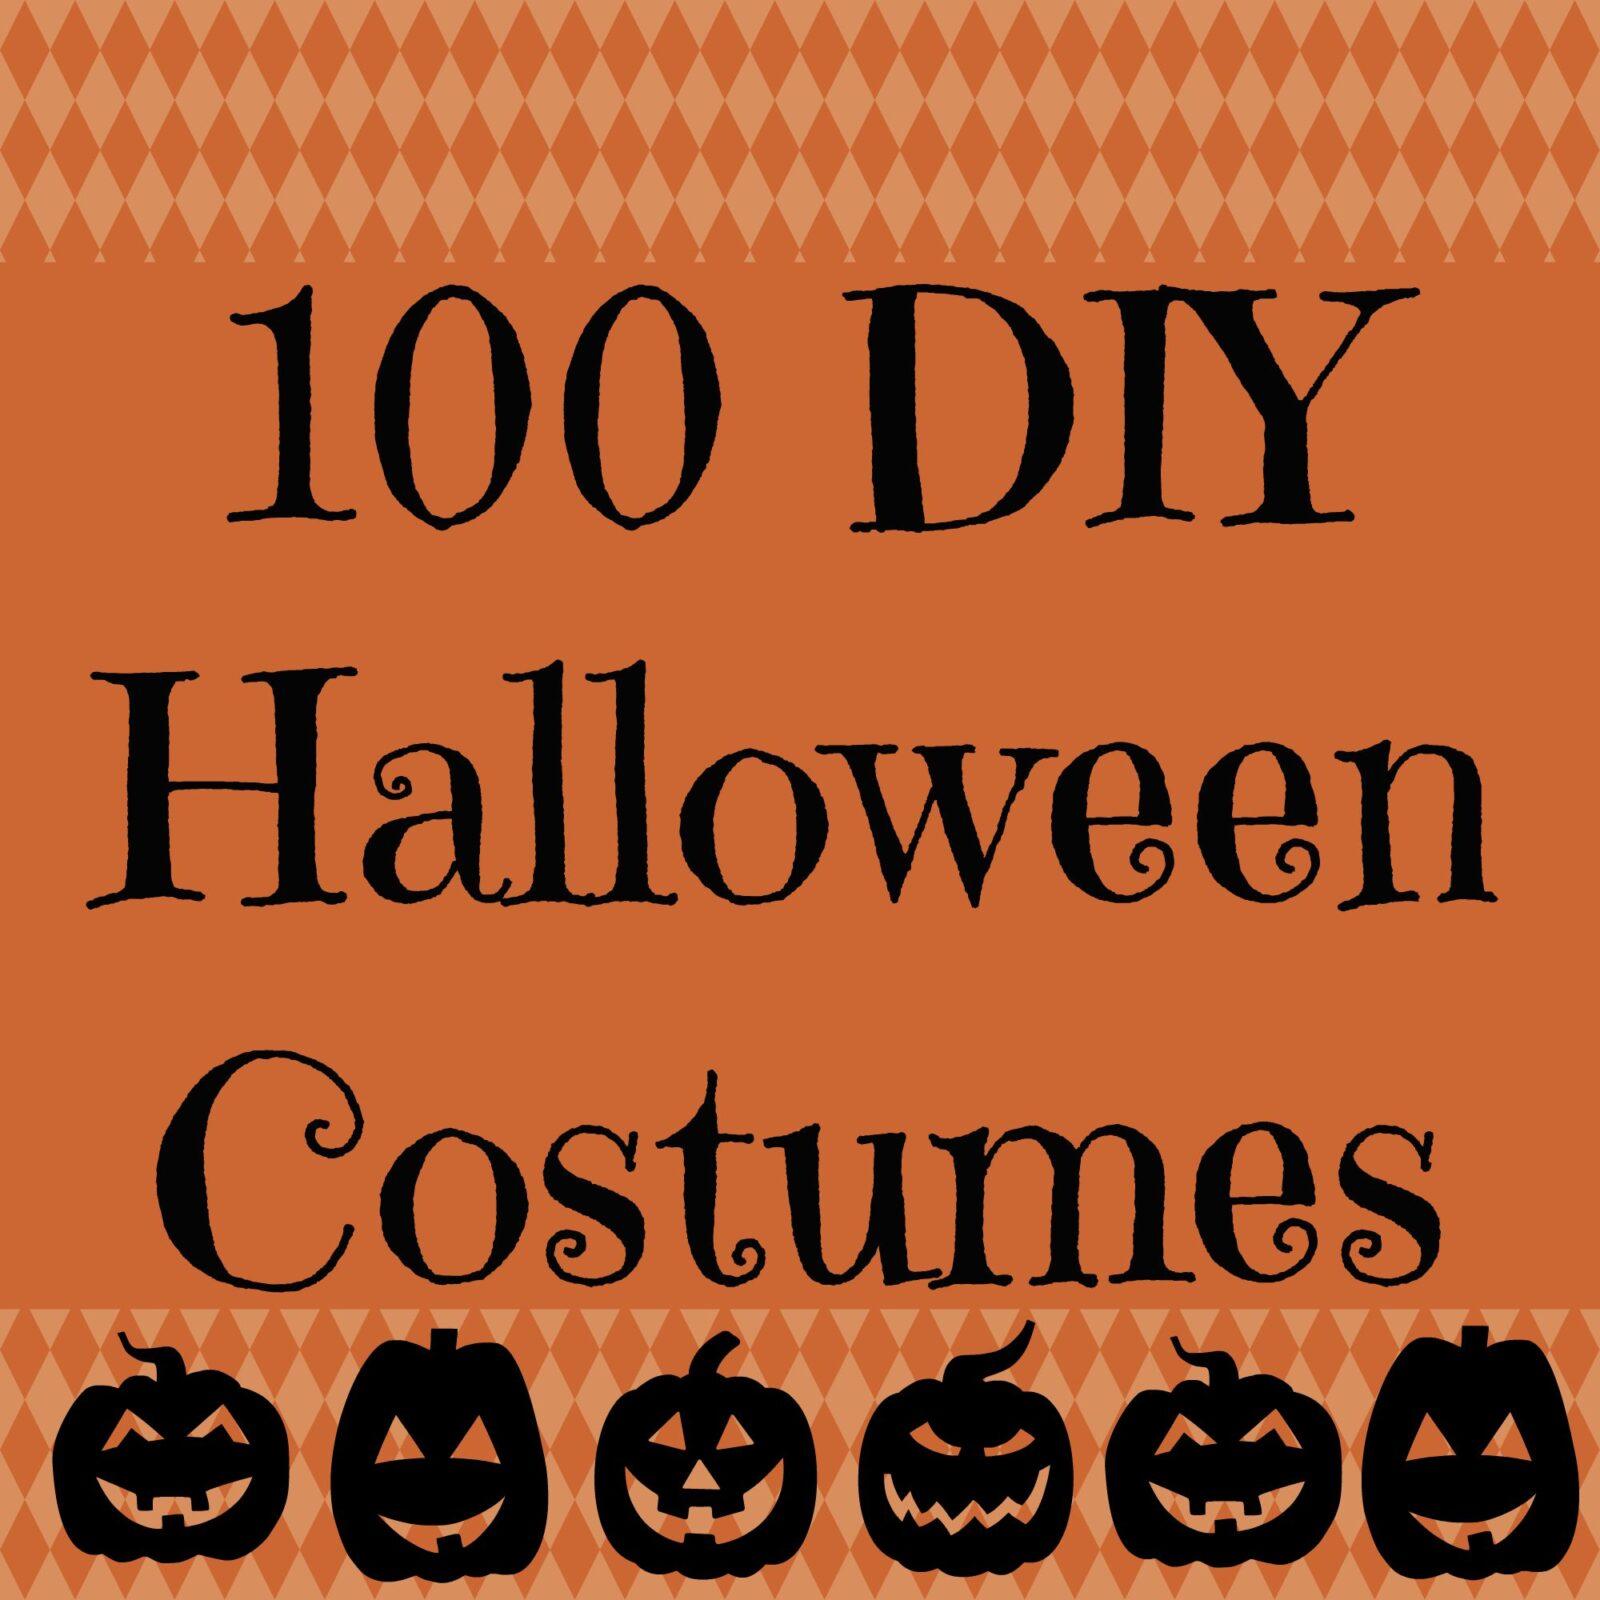 100 DIY Halloween Costume Tutorials